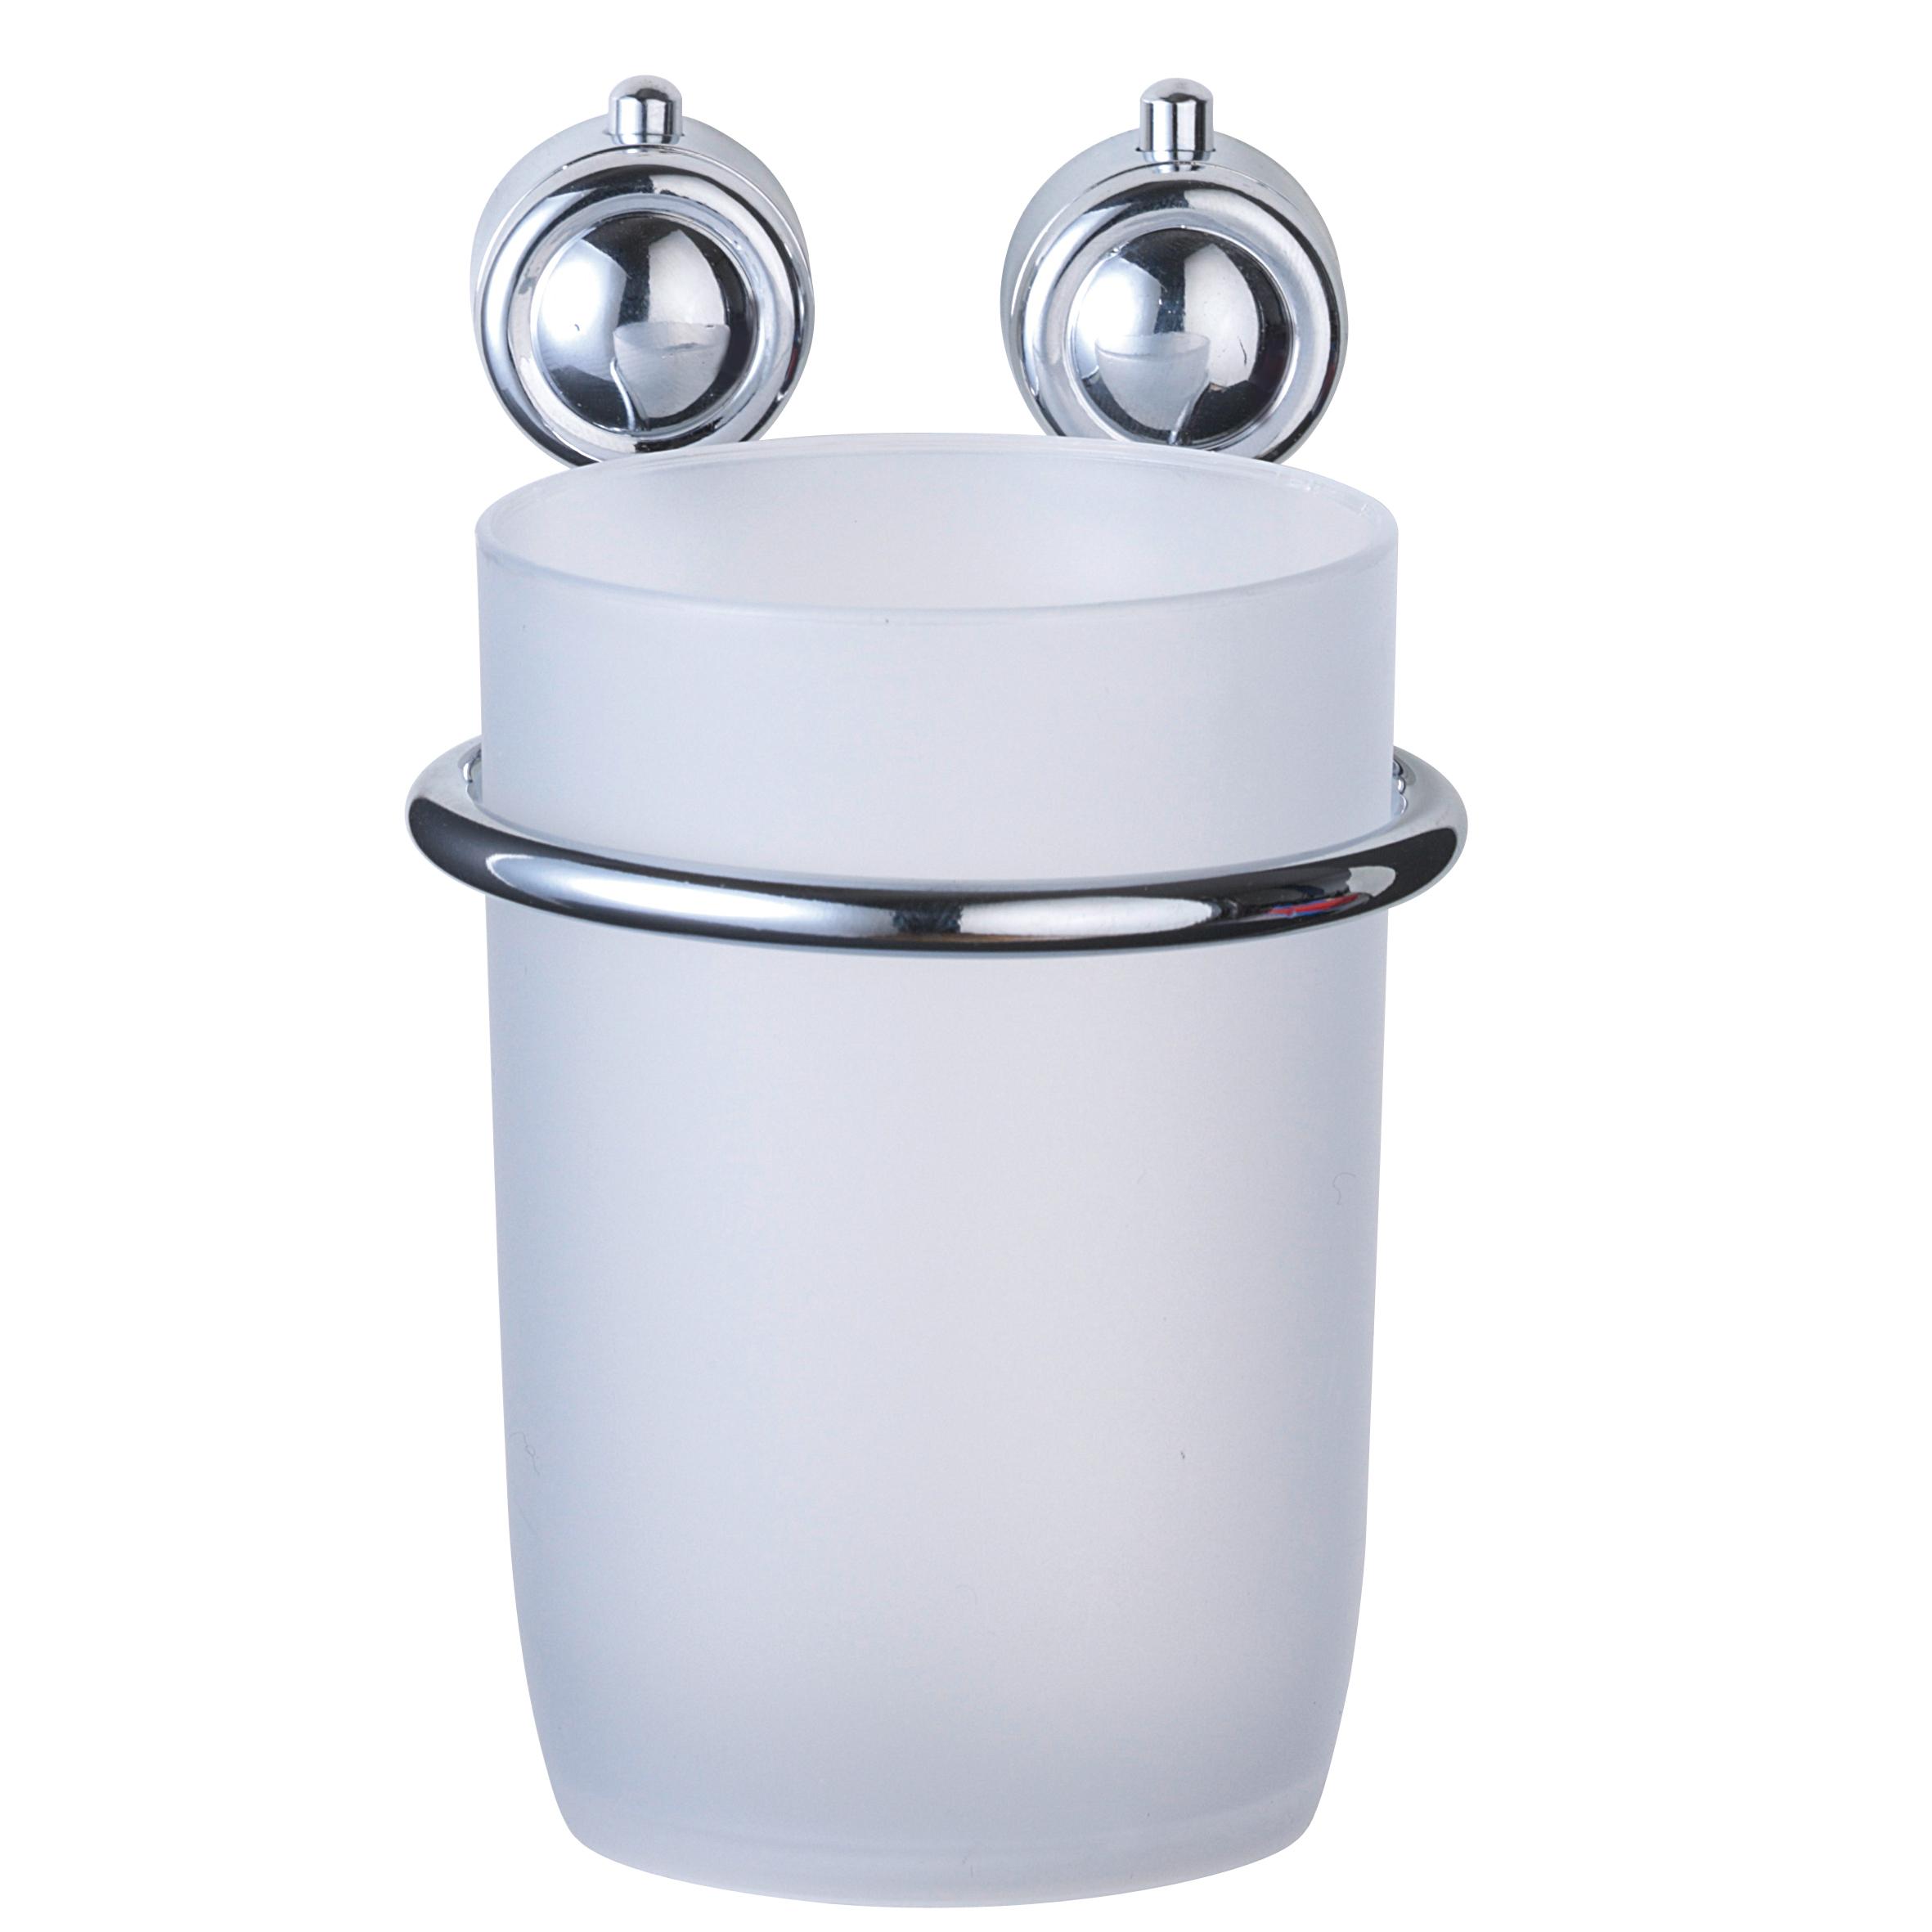 Стакан для ванной комнаты Axentia Atlantik, с держателемRG-D31SСтакан для ванной комнаты Axentia Atlantik изготовлен из пластика и высококачественной хромированной стали, устойчивой к высокой влажности. Стакан с настенным держателем отлично подойдет для вашей ванной комнаты. Изделие крепится к стене с помощью шурупов (входят в комплект).Стакан создаст особую атмосферу уюта и максимального комфорта в ванной.